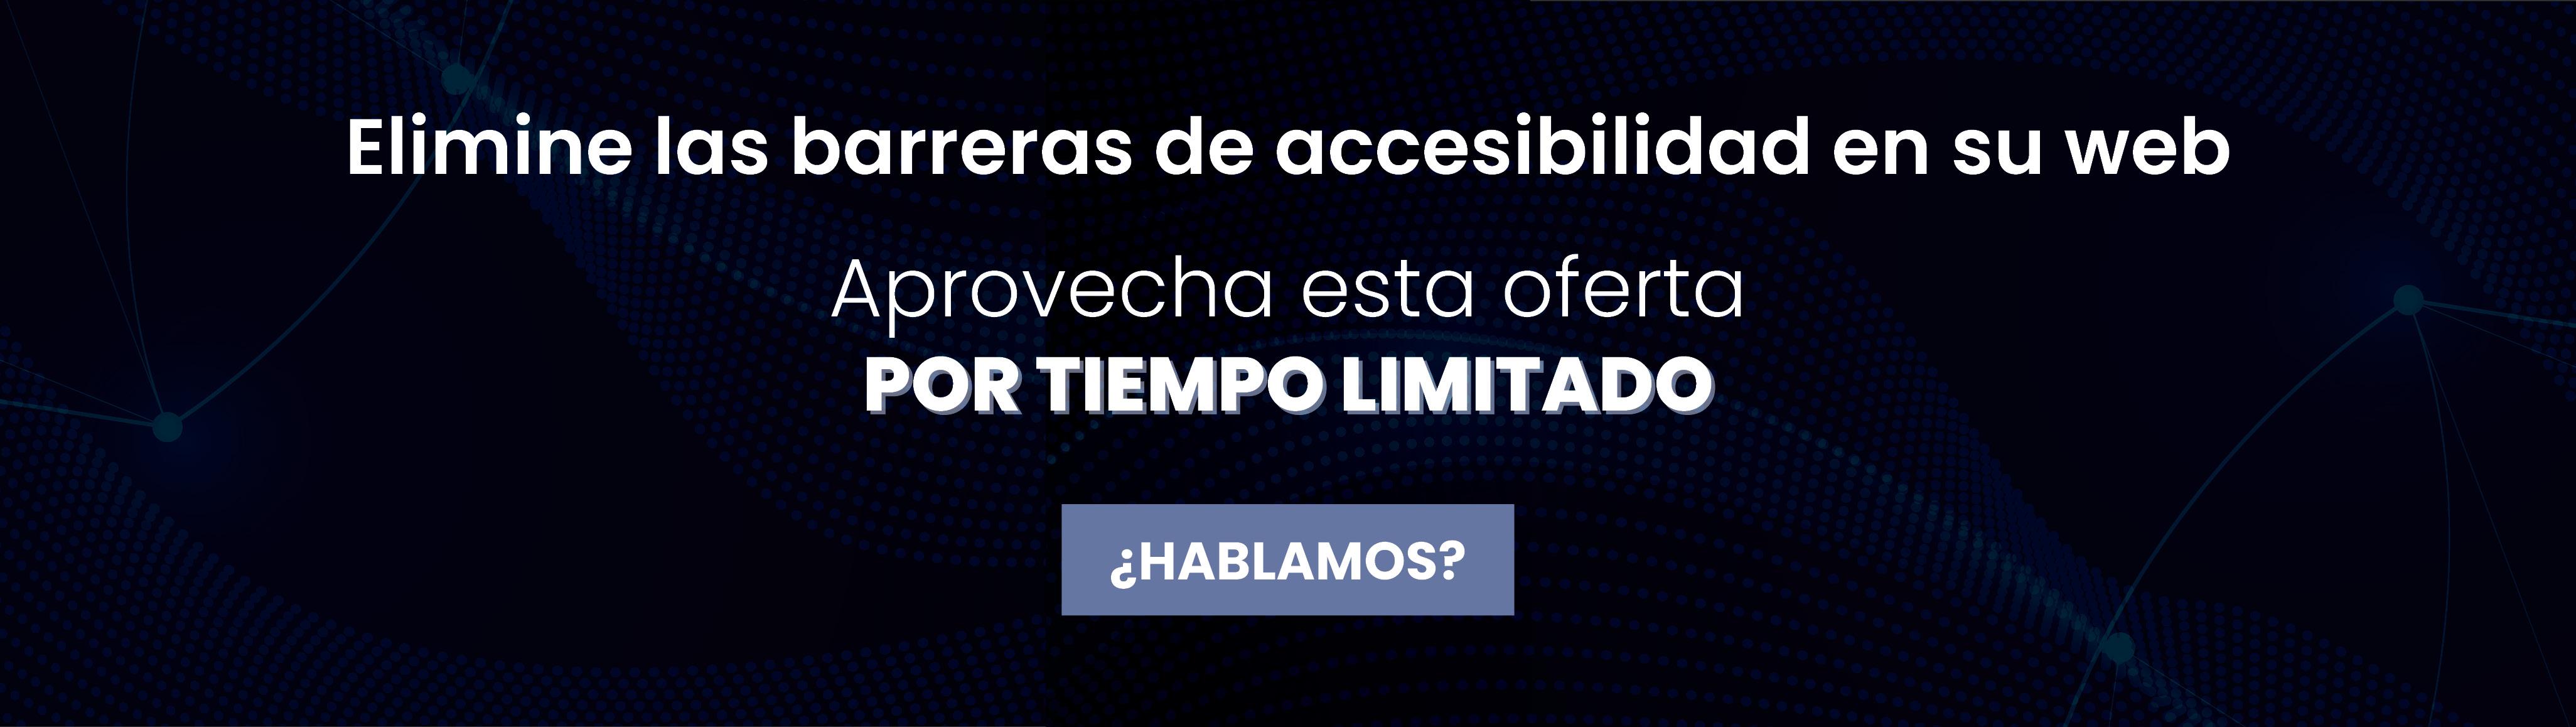 Formulario para beneficiarte de la campaña de otoño en accesibilidad web.